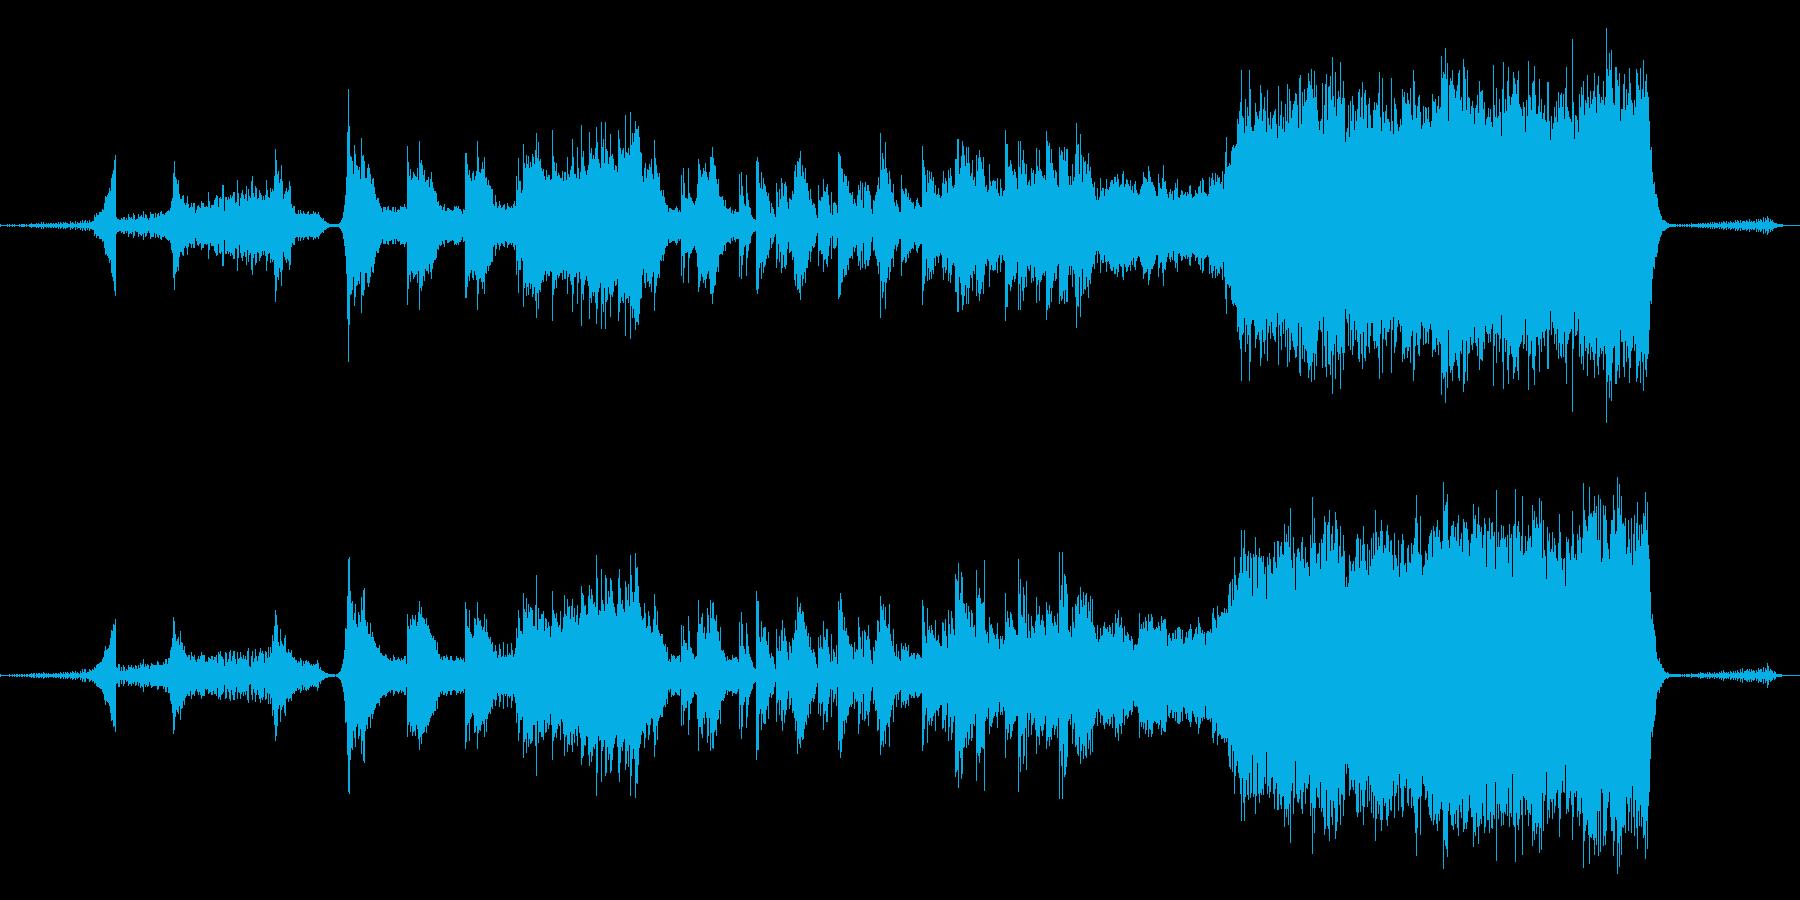 タームマシン、時空をイメージしたBGMの再生済みの波形